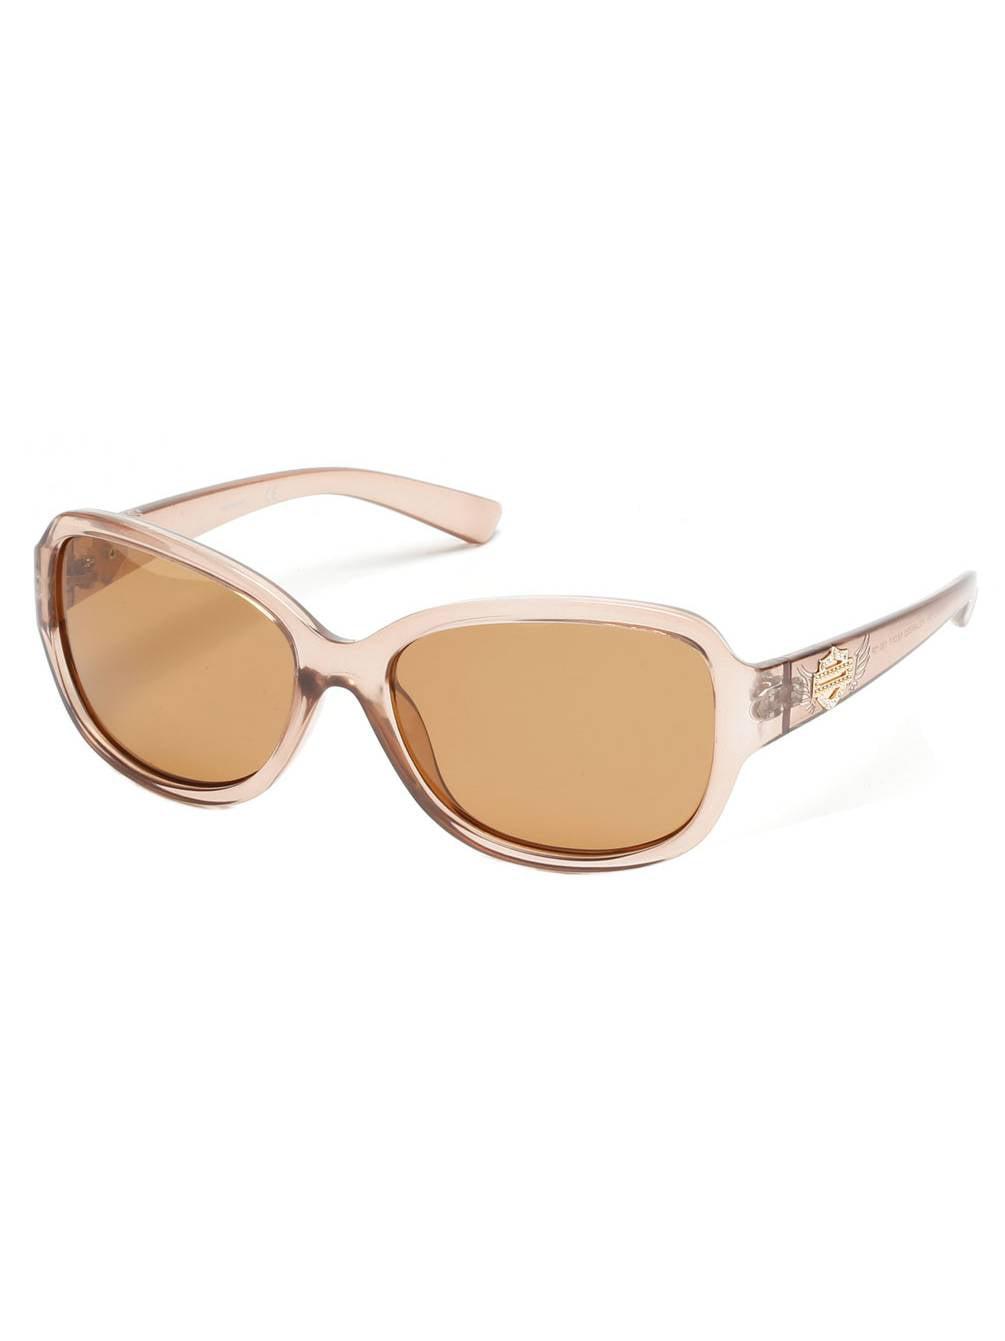 8ab73eeaf7e Harley davidson harley davidson women bling jpg 450x450 Bling harley  davidson sunglasses for women